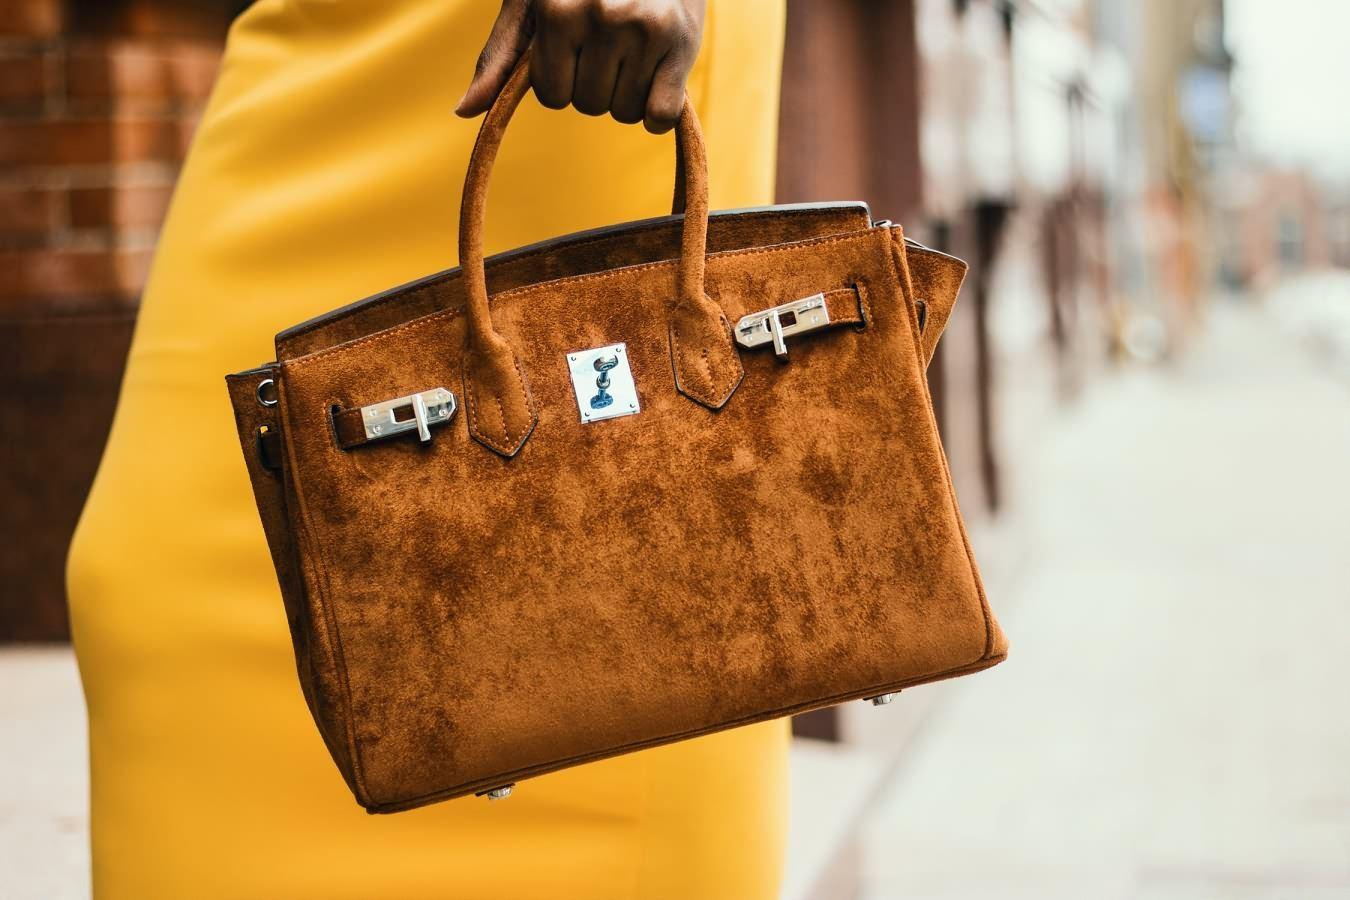 Как выбрать сумку по возрасту и статусу?